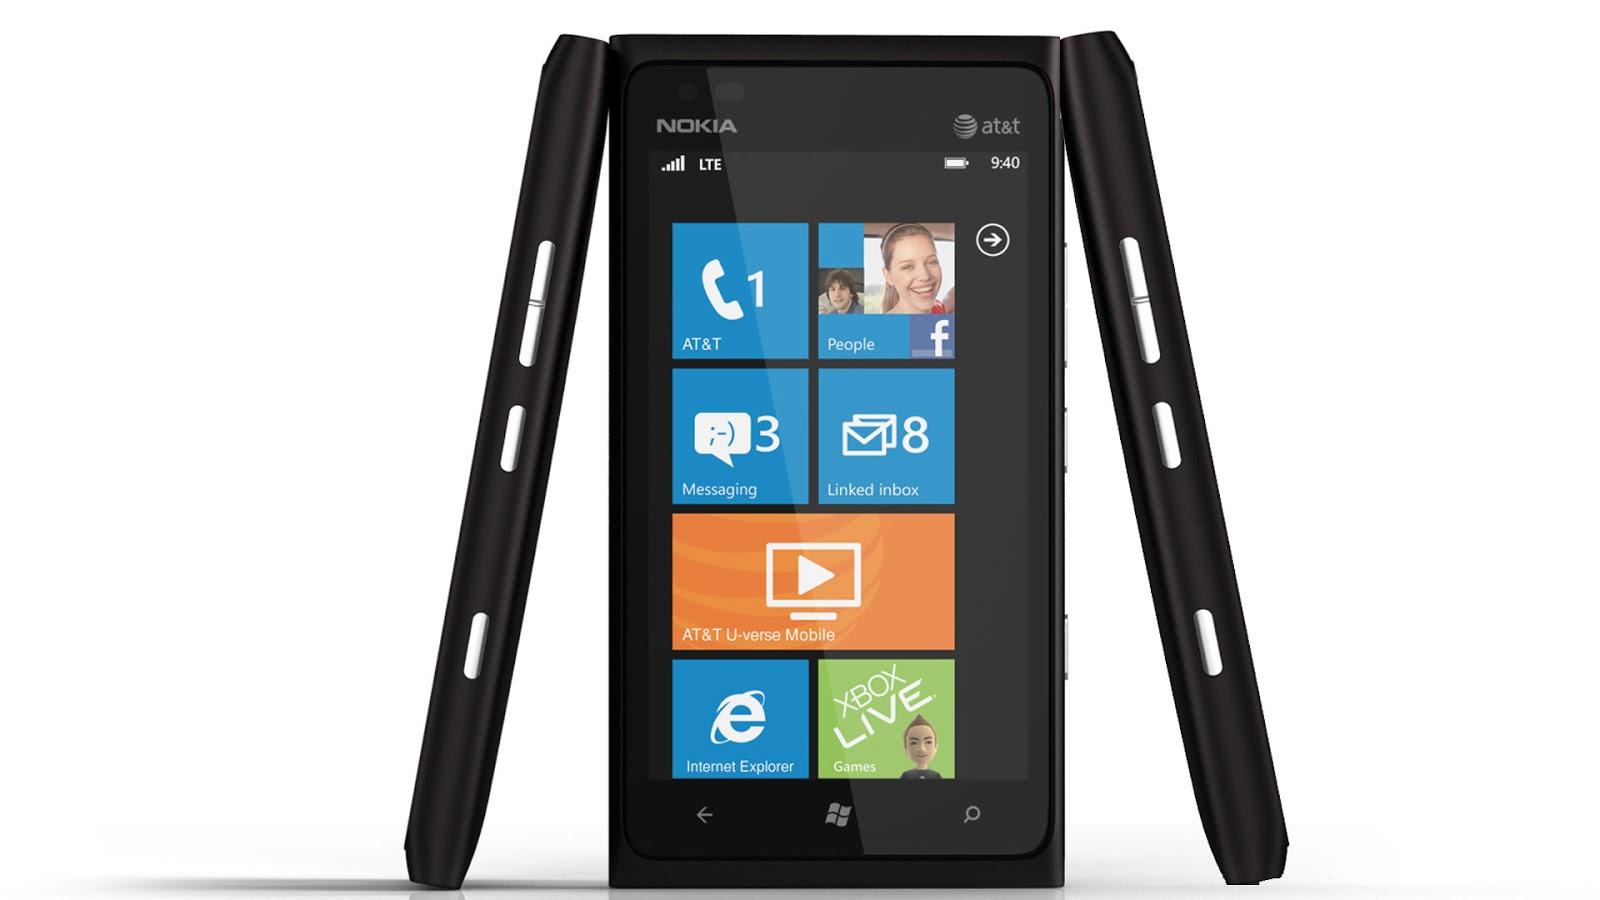 http://2.bp.blogspot.com/-JlUvwdP0J3A/UTjaXwlRipI/AAAAAAAAASA/HKpc7E4EC8E/s1600/Nokia-Lumia-900-wallpaper.jpg